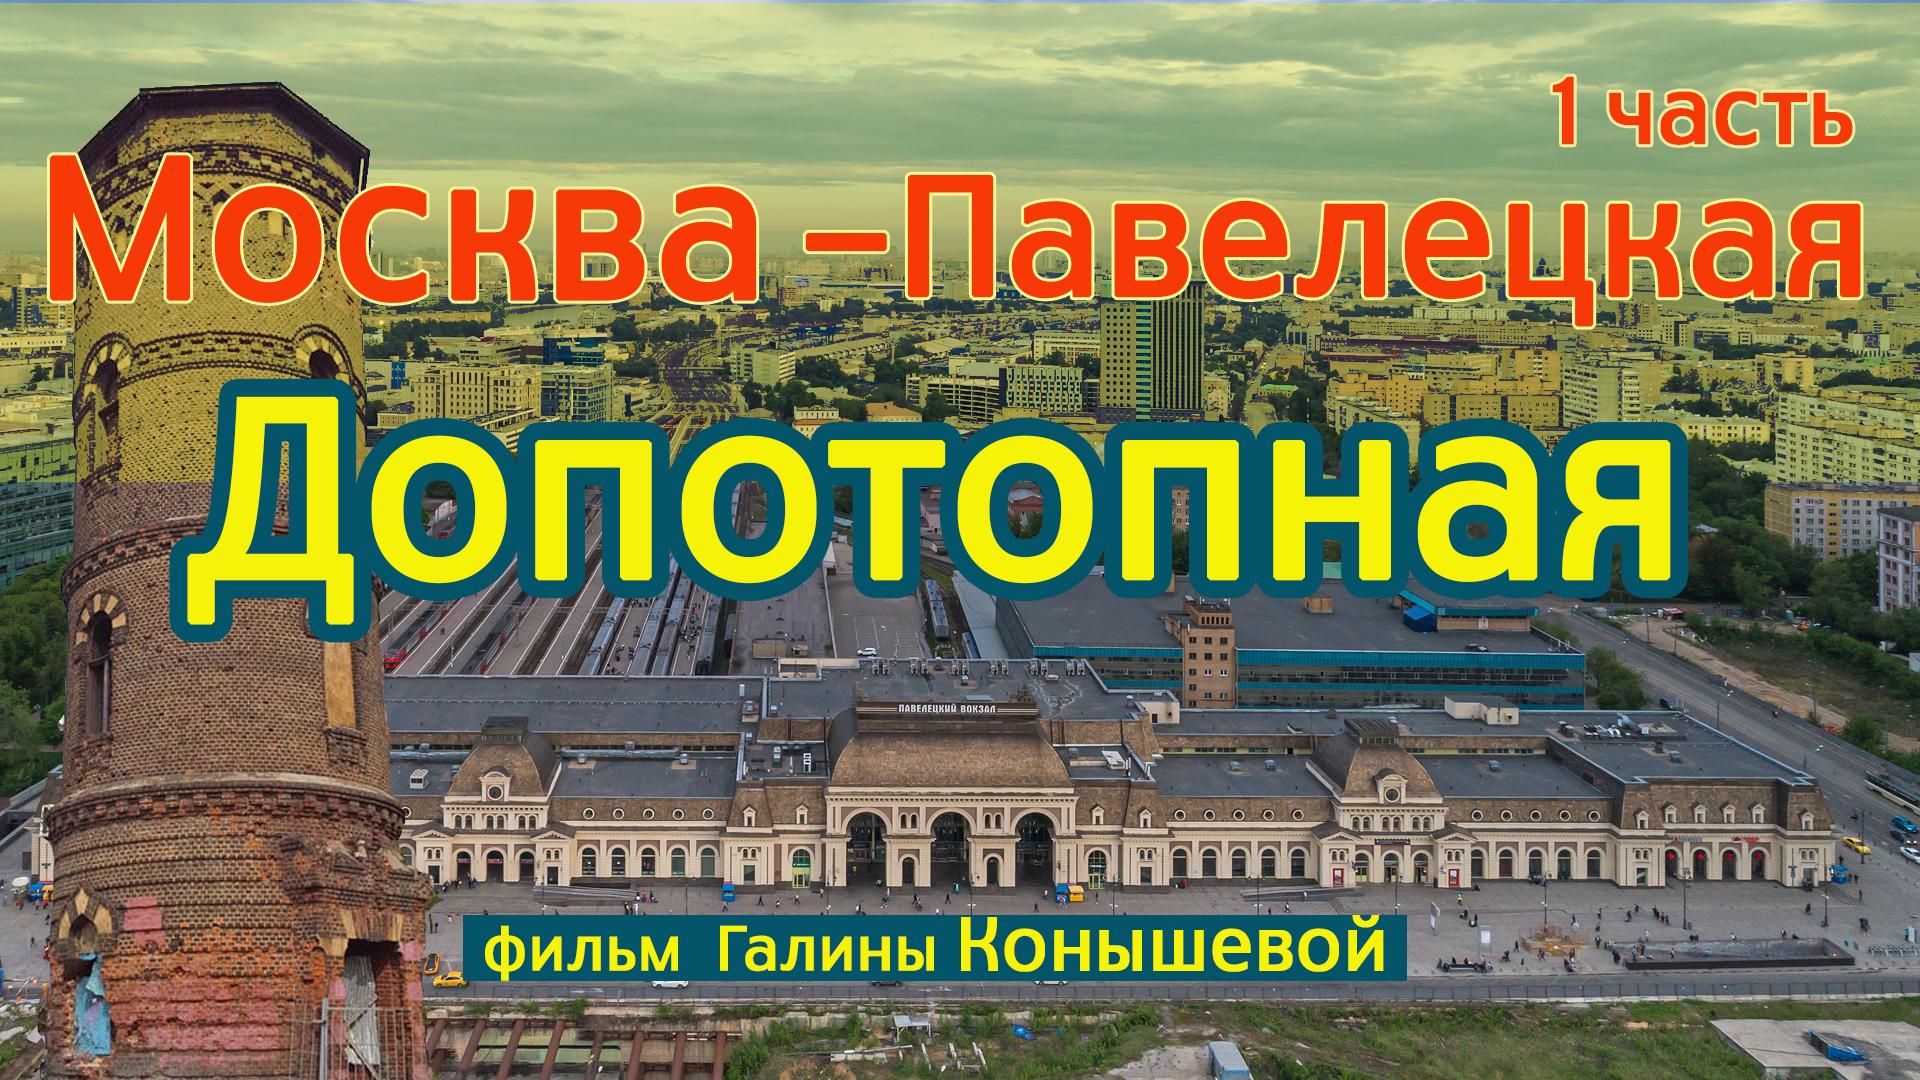 Справку с места работы с подтверждением Павелецкая набережная документы для кредита в москве Мичуринский проспект